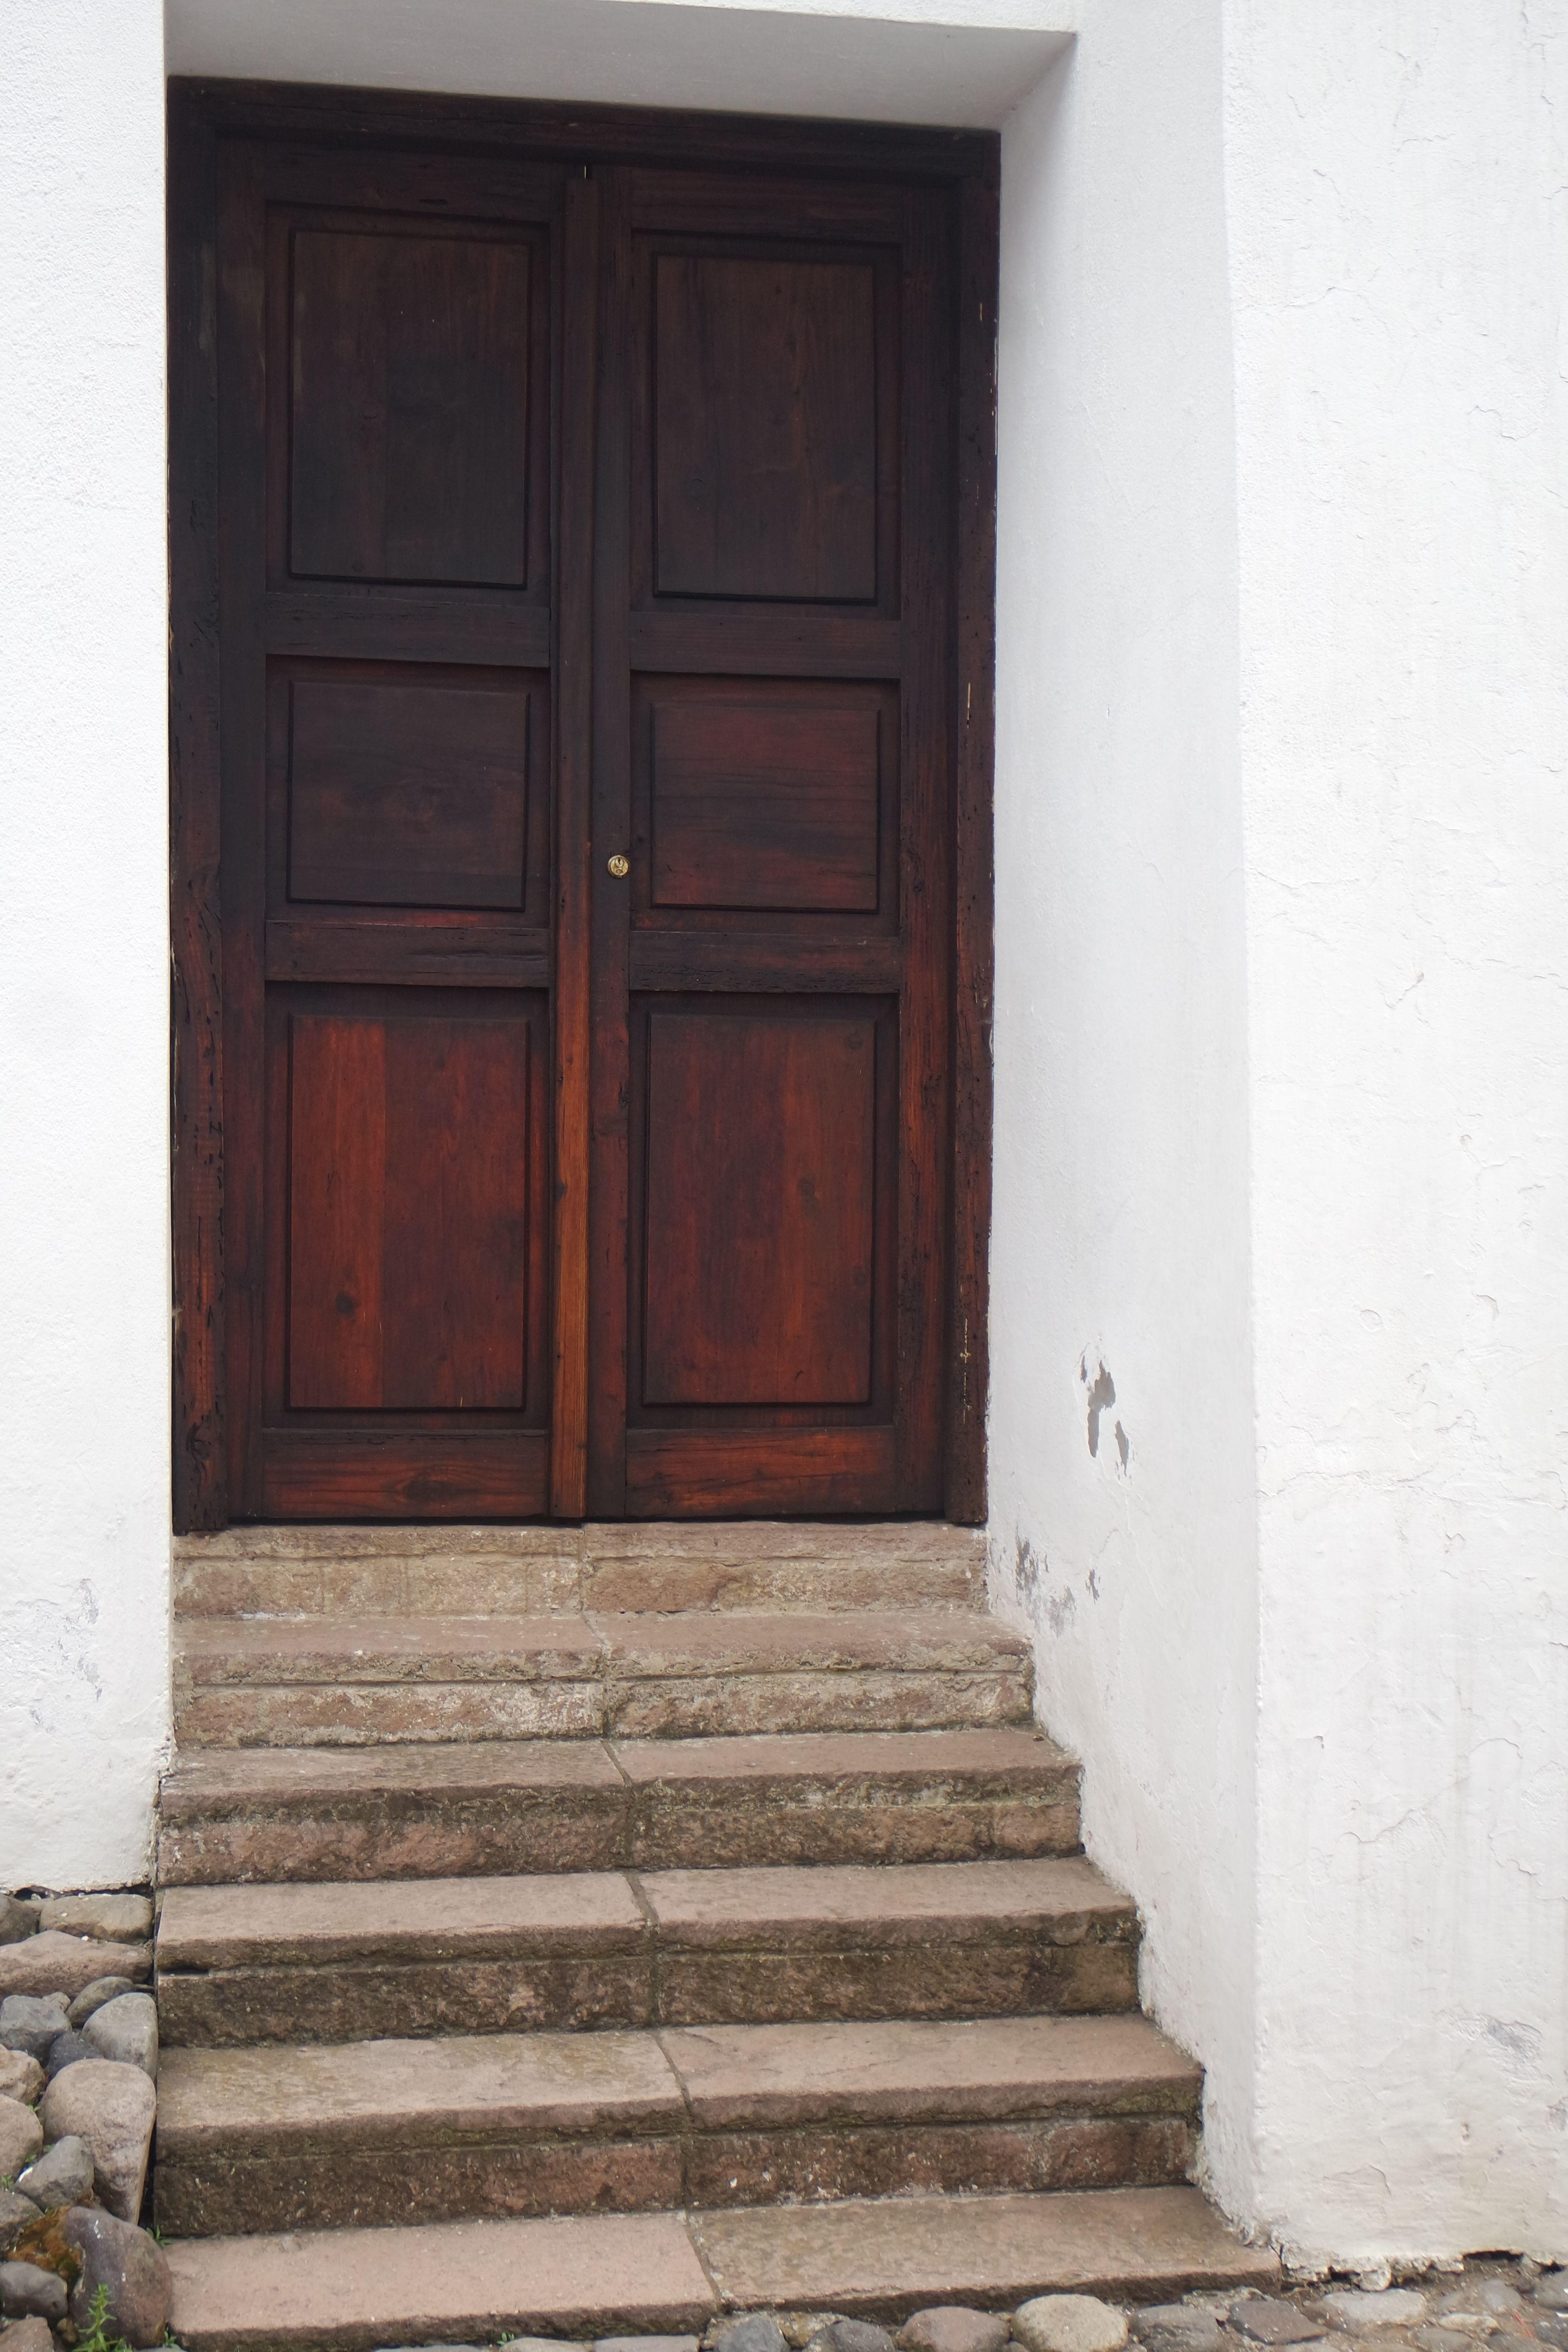 Título de la obra: Puerta. Autor: Treisy Valeria Guardado Romero. 12/3/2016 Apertura de diafragma: f/5 Velocidad de obturación: 1/320s ISO: 400